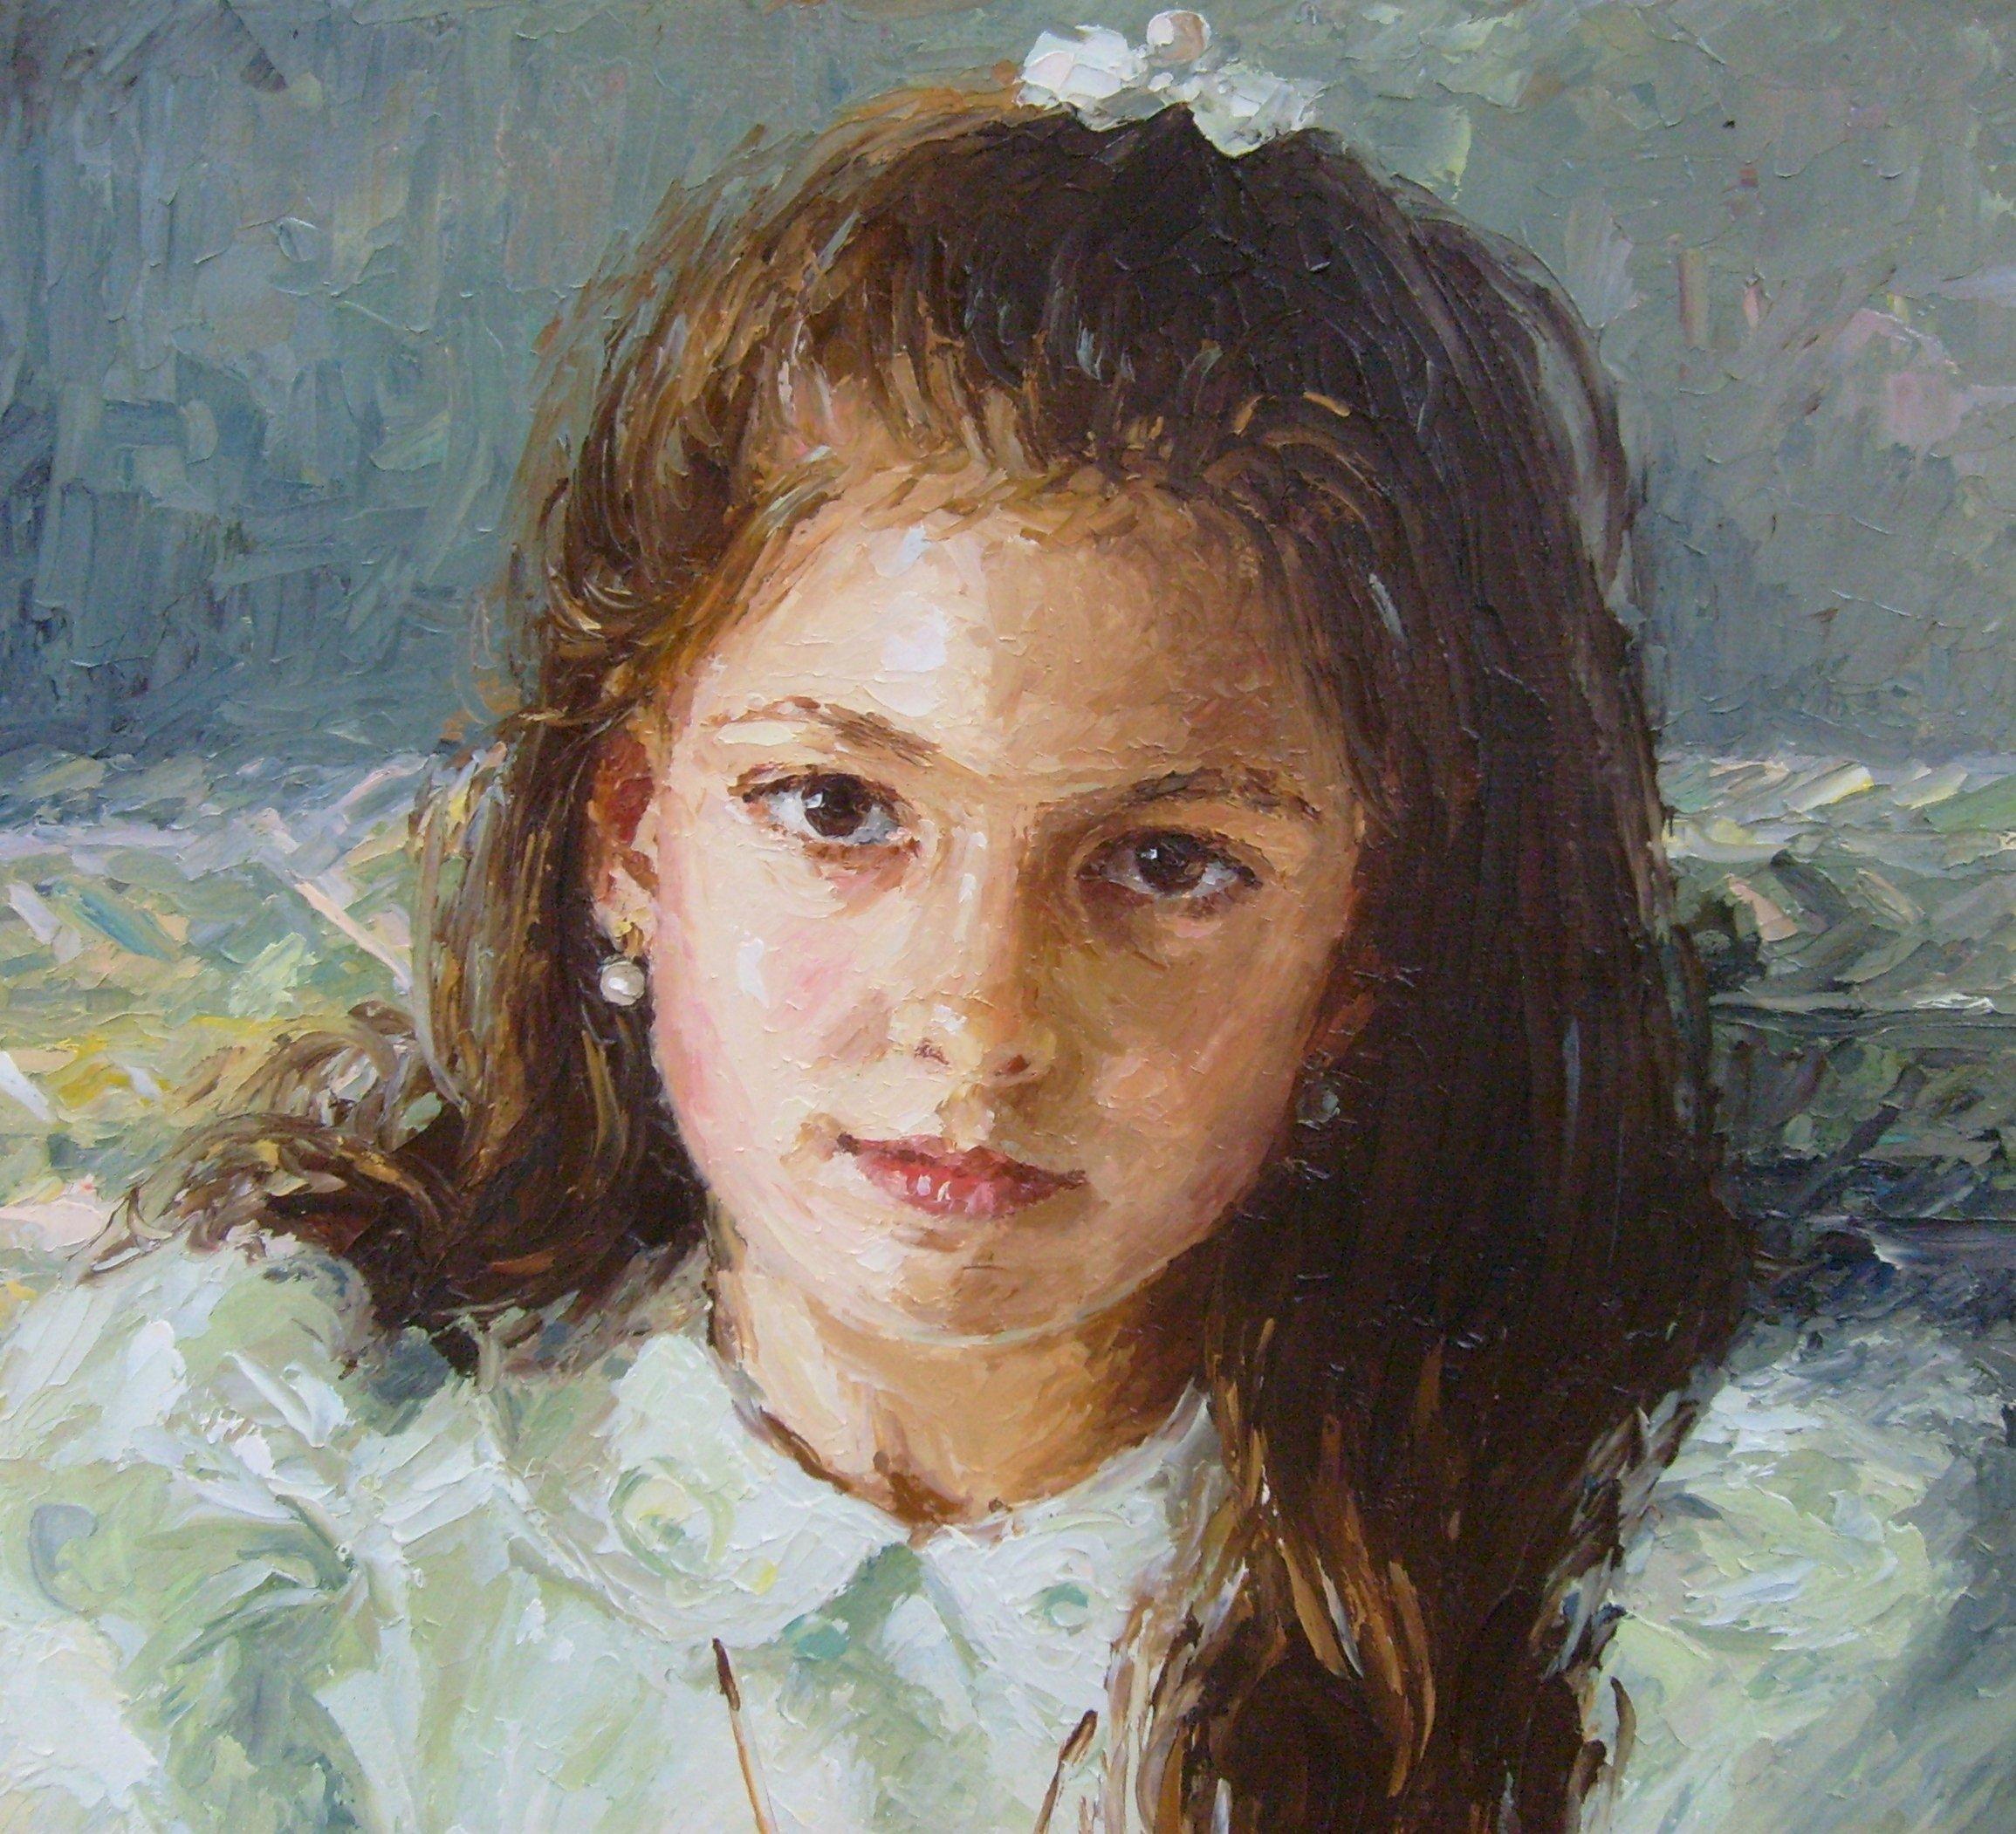 Barbara JAŚKIEWICZ, Malarstwo sztalugowe, obrazy olejne malowane szpachlą, pejzaże i ogrody, weduty, kwiaty, portrety i postacie, obrazy marynistyczne, ... - 7a_zoom